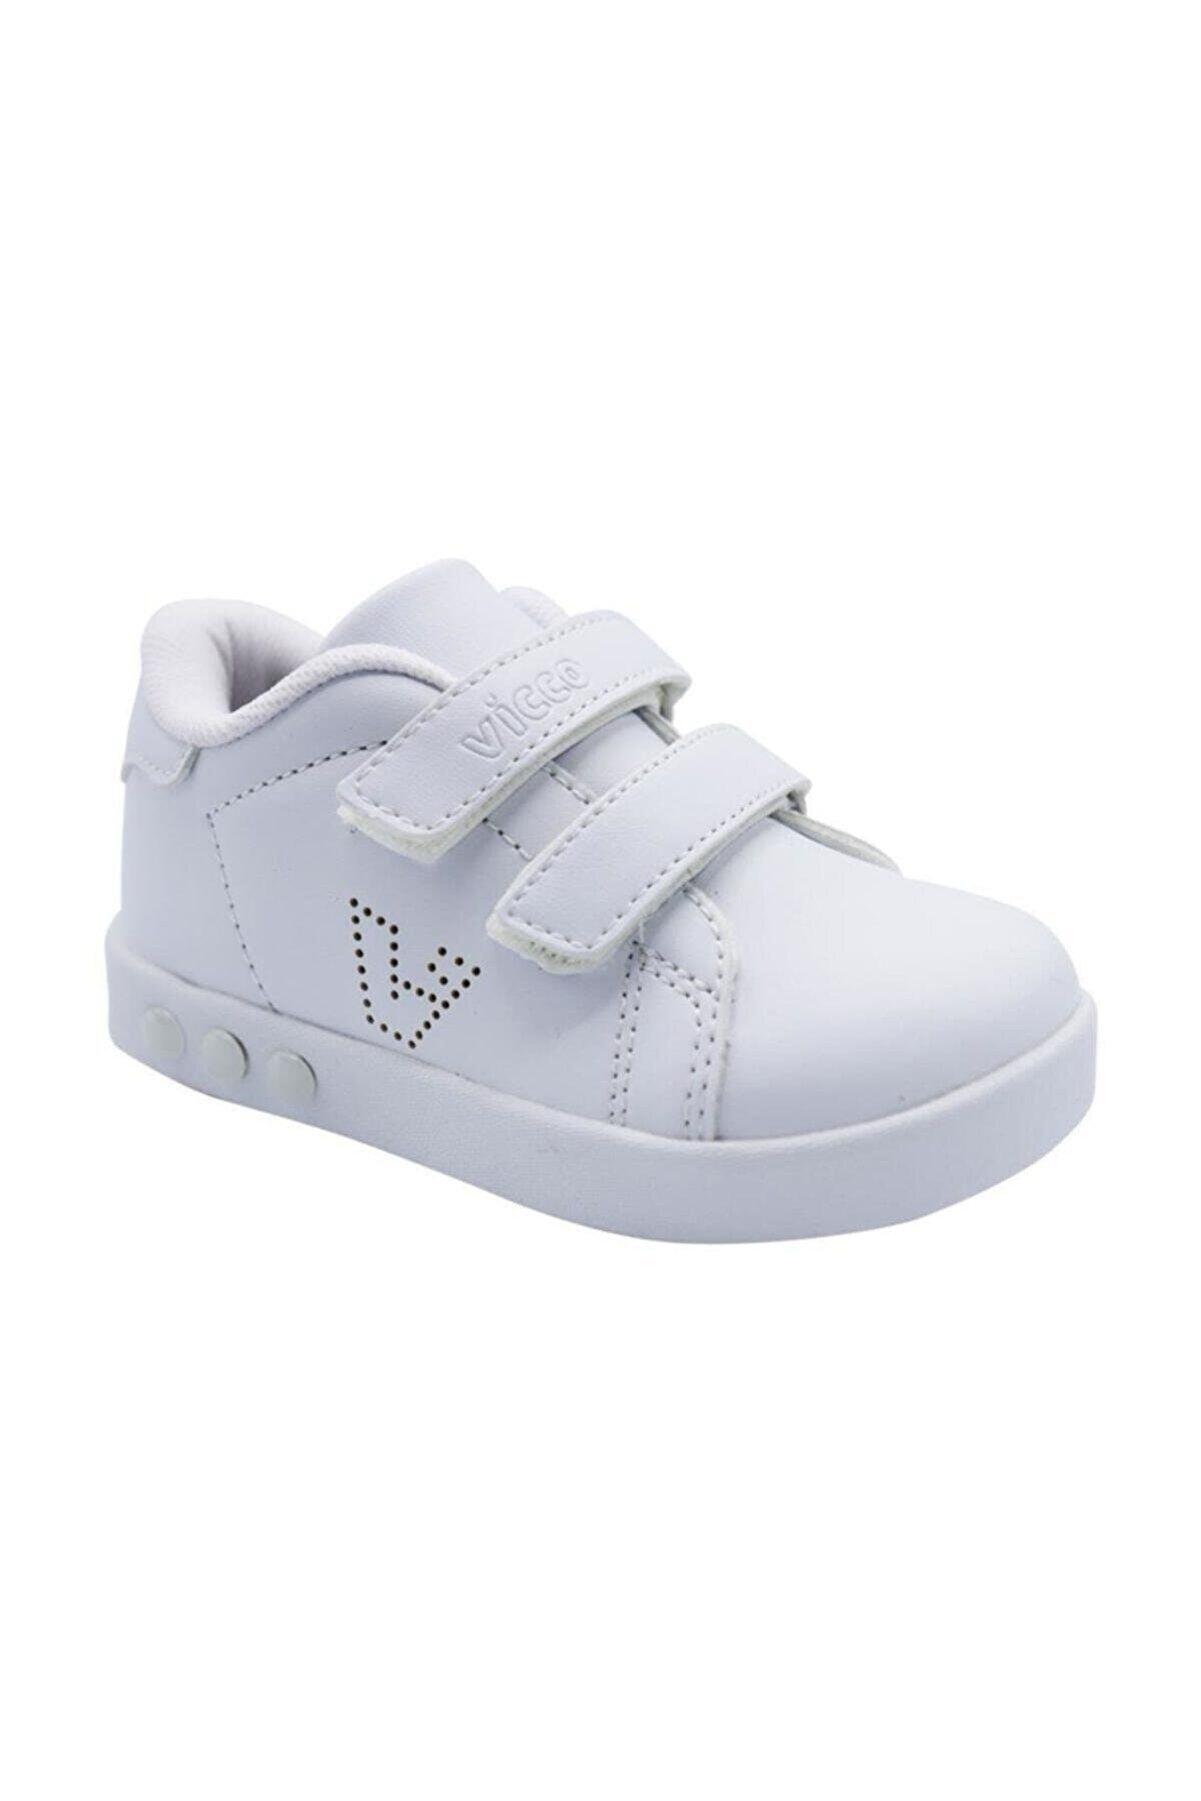 Vicco 313.P19K.100-11 Beyaz Kız Çocuk Yürüyüş Ayakkabısı 100578850